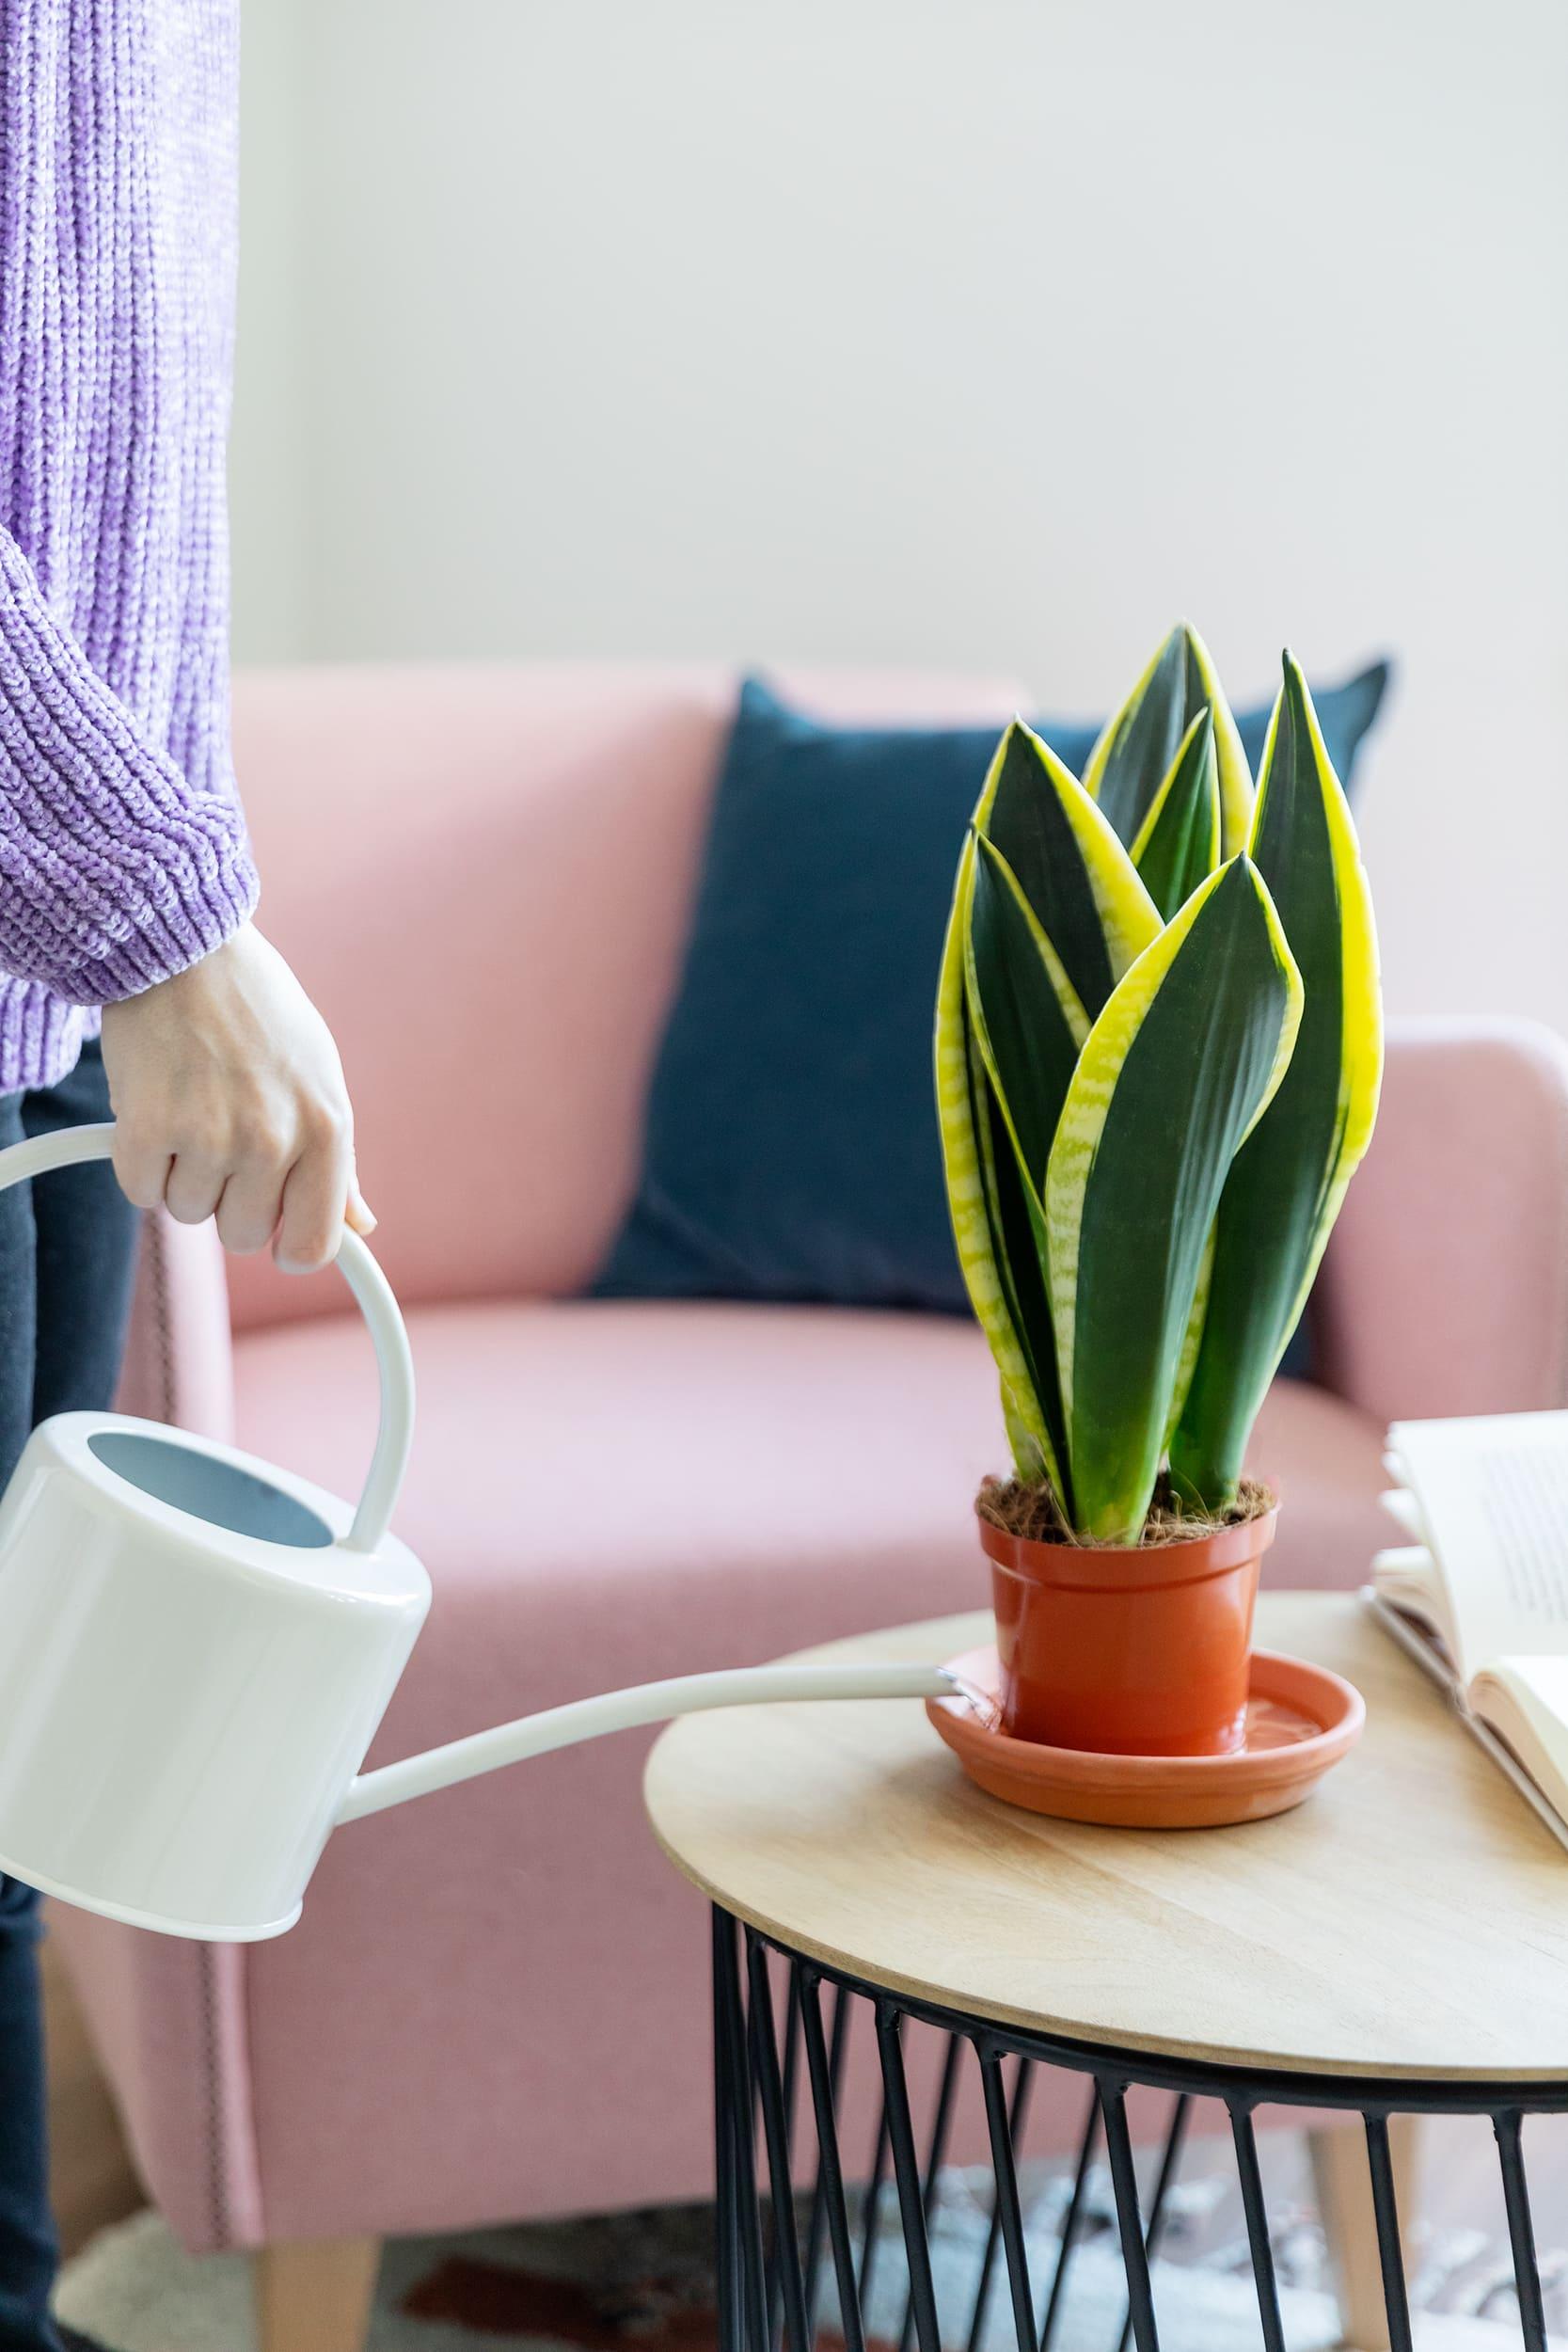 Irrigazione nel piatto - piante